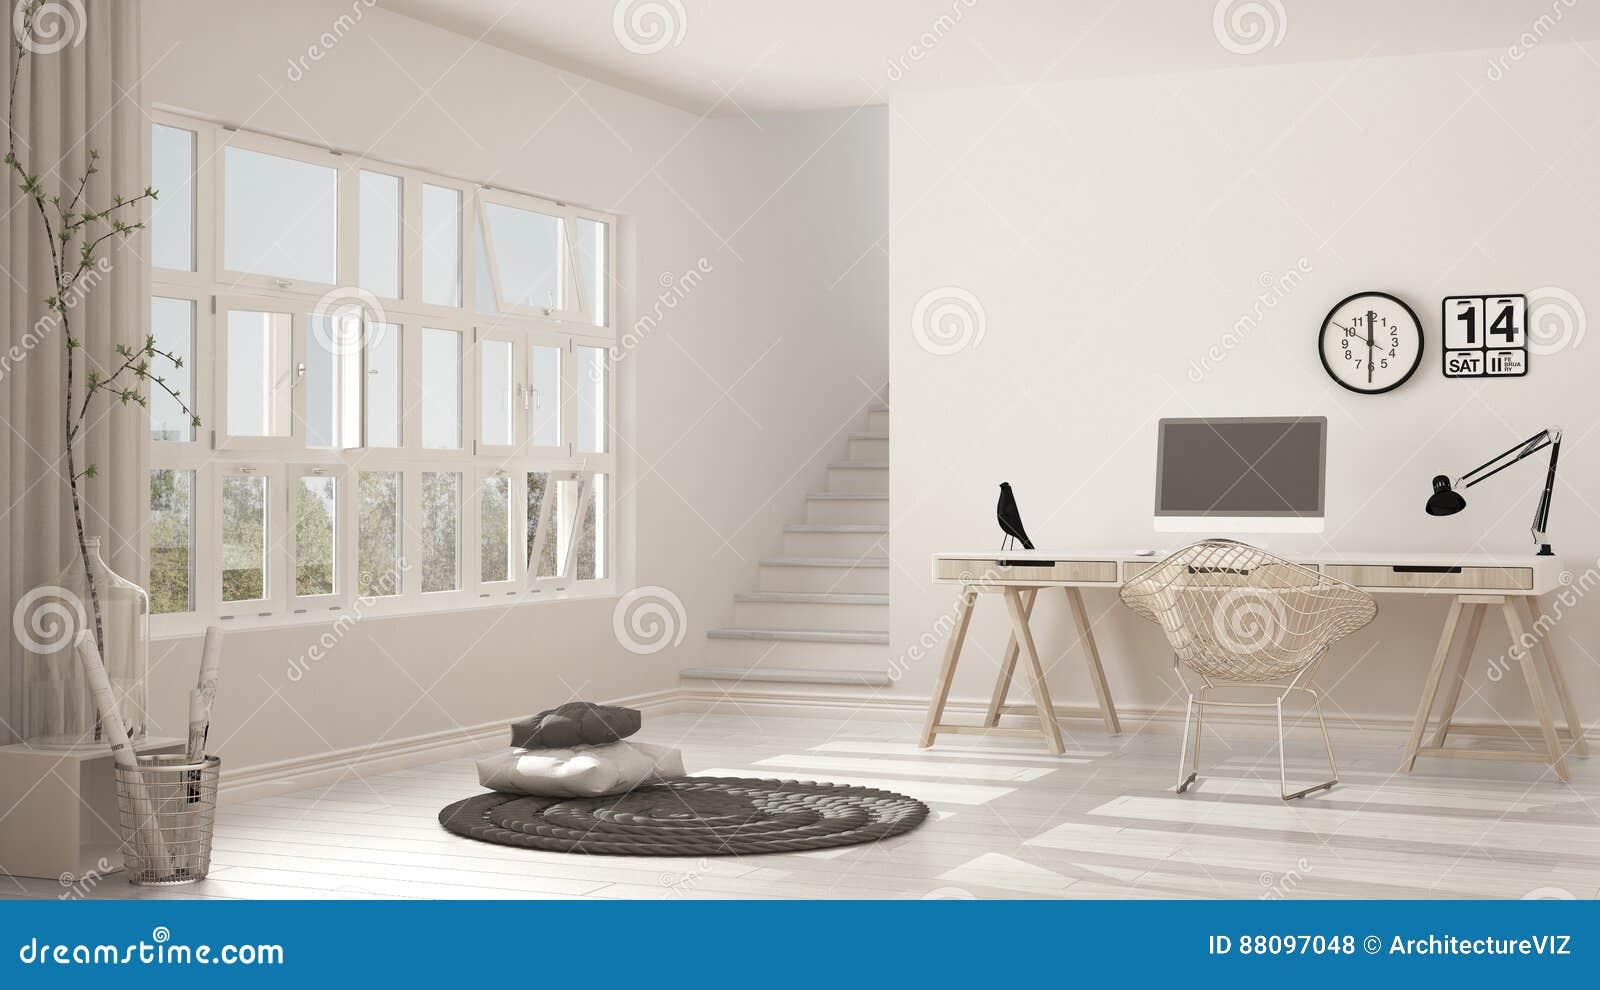 download sige social scandinave lieu de travail de grenier intrieur minimaliste de photo stock - Siege Scandinave